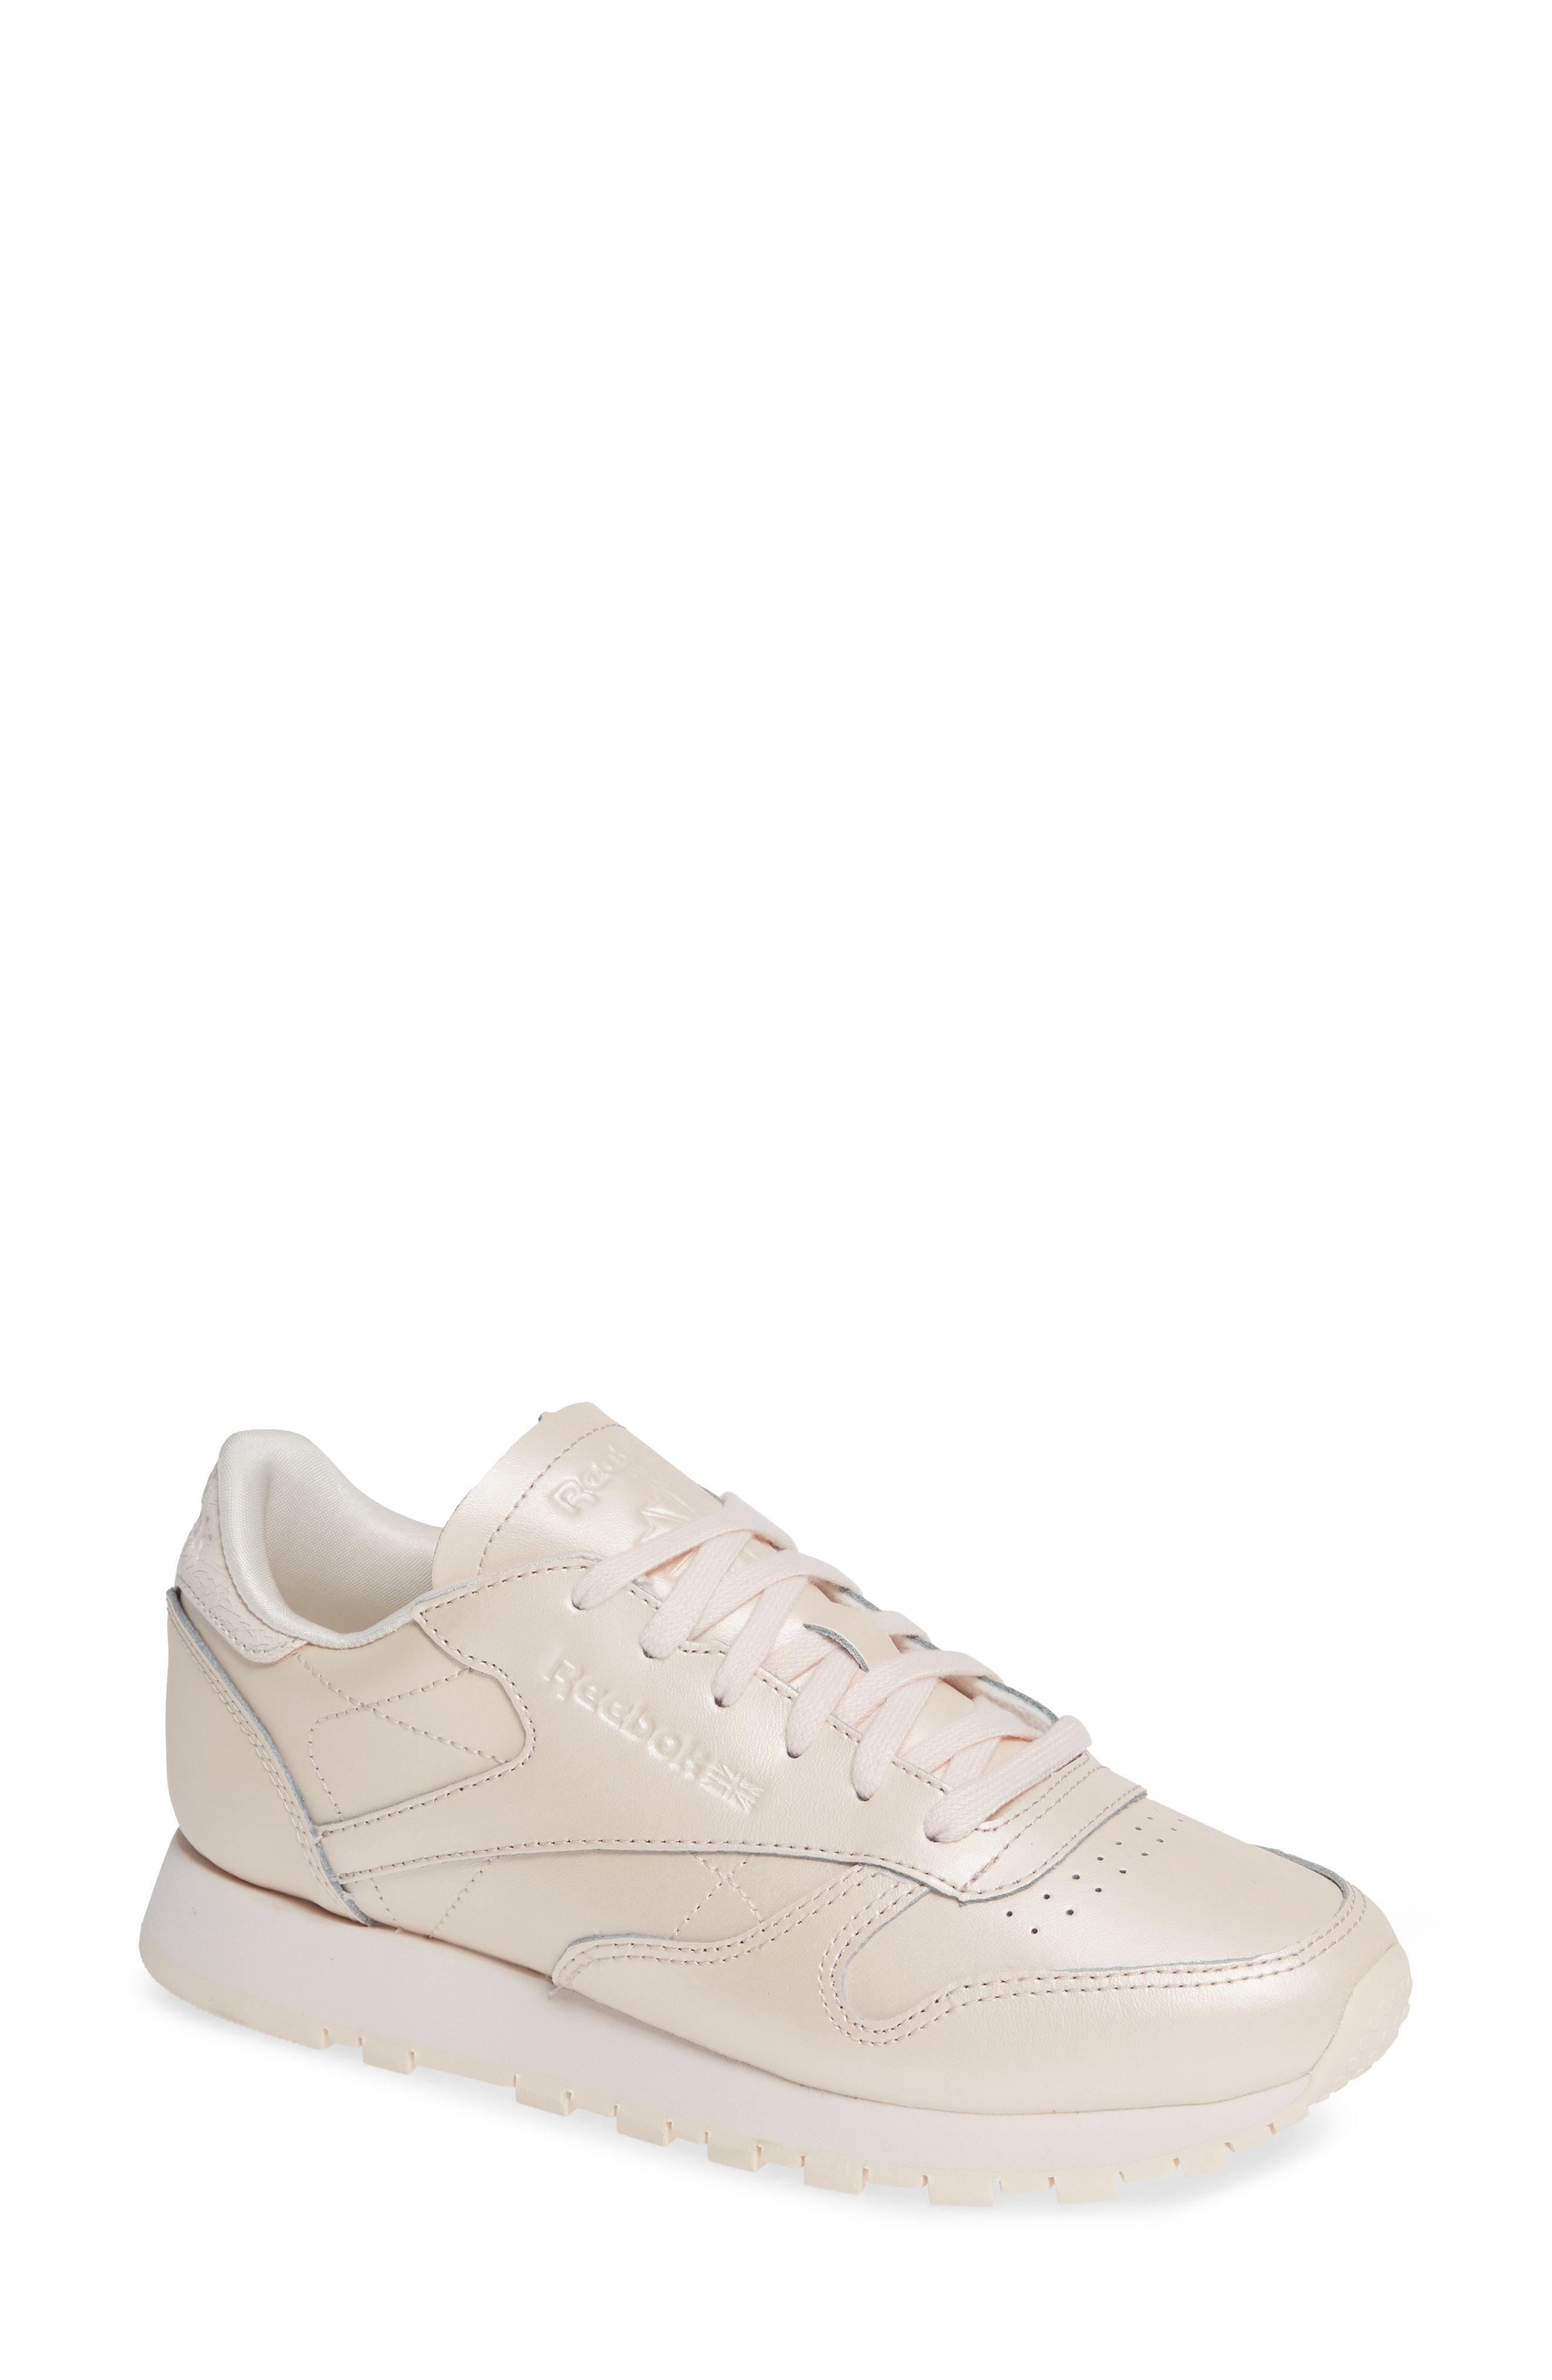 Reebok Classic Leather Sneaker (Women)